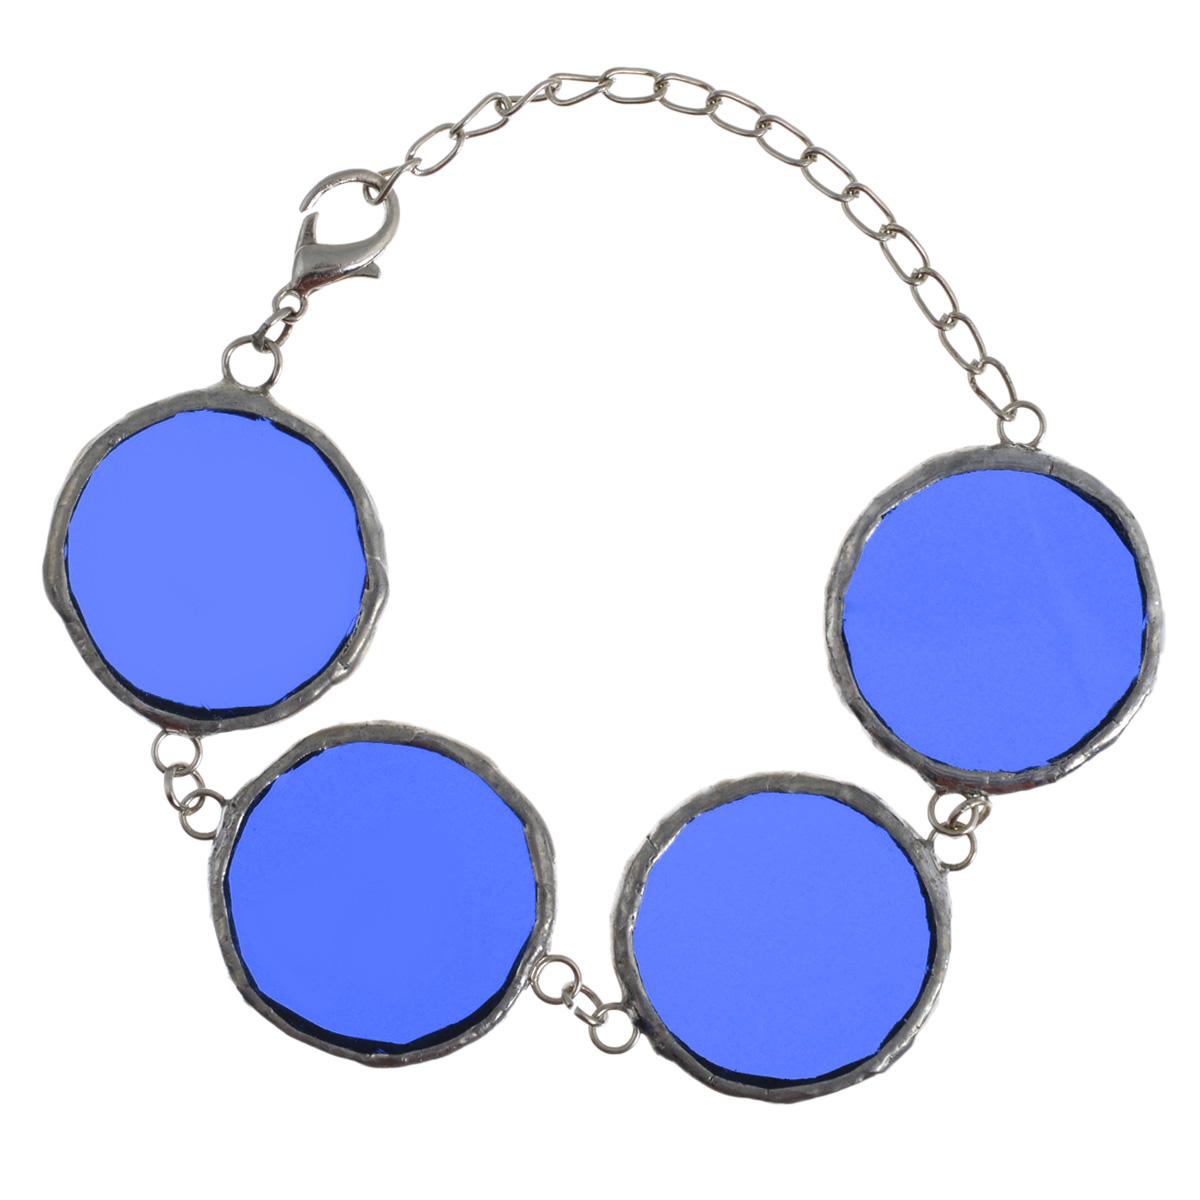 Браслет Естественный отбор, цвет: синий. Ч-0033Ч-0033Браслет Естественный отбор не оставит равнодушной ни одну любительницу необычных аксессуаров. Браслет выполнен из металла и стекла в виде четырех полупрозрачных звеньев круглой формы. Застегивается на замок-карабин с регулирующей длину цепочкой. Такое украшение подчеркнет вашу яркую индивидуальность и поможет создать экстравагантный образ. Очень яркий браслет для не менее яркой особы. Он сделает вас заметной в любом месте и в любой компании.